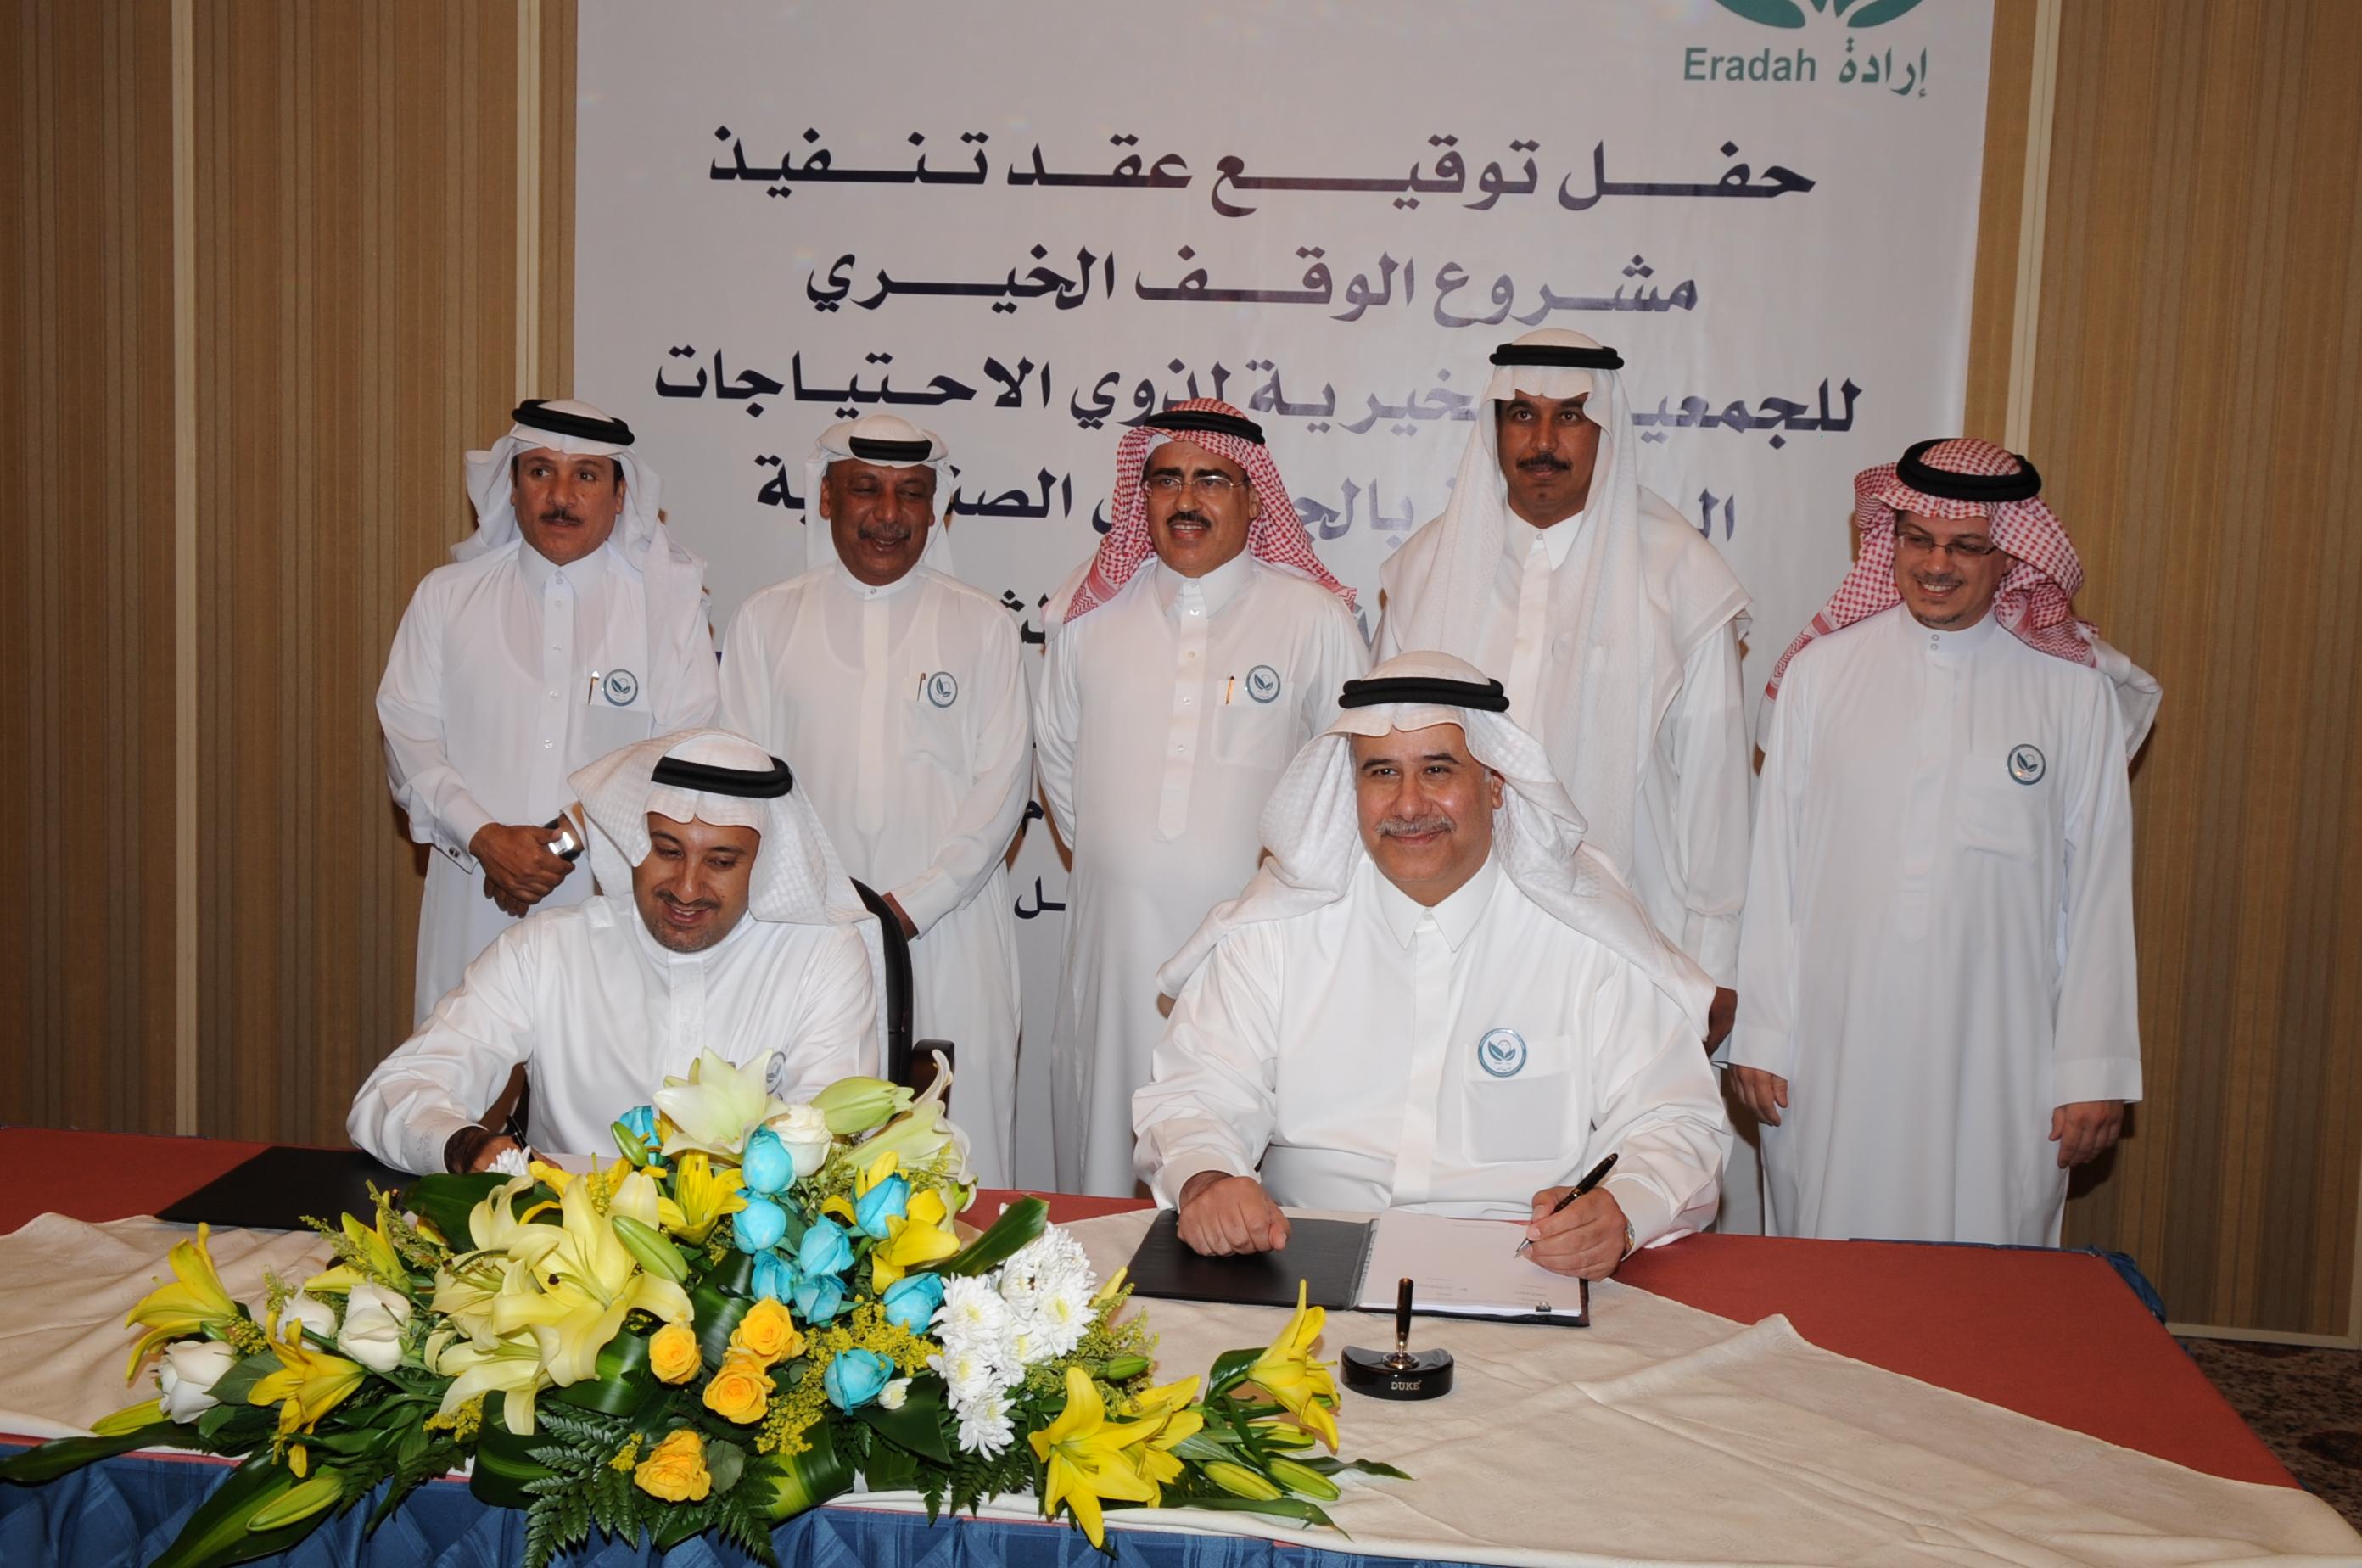 حفل توقيع عقد تنفيذ المشروع الخيري للجمعية الخيرية لذوي الاحتياجات الخاصة بالجبيل الصناعية إرادة 2009 م